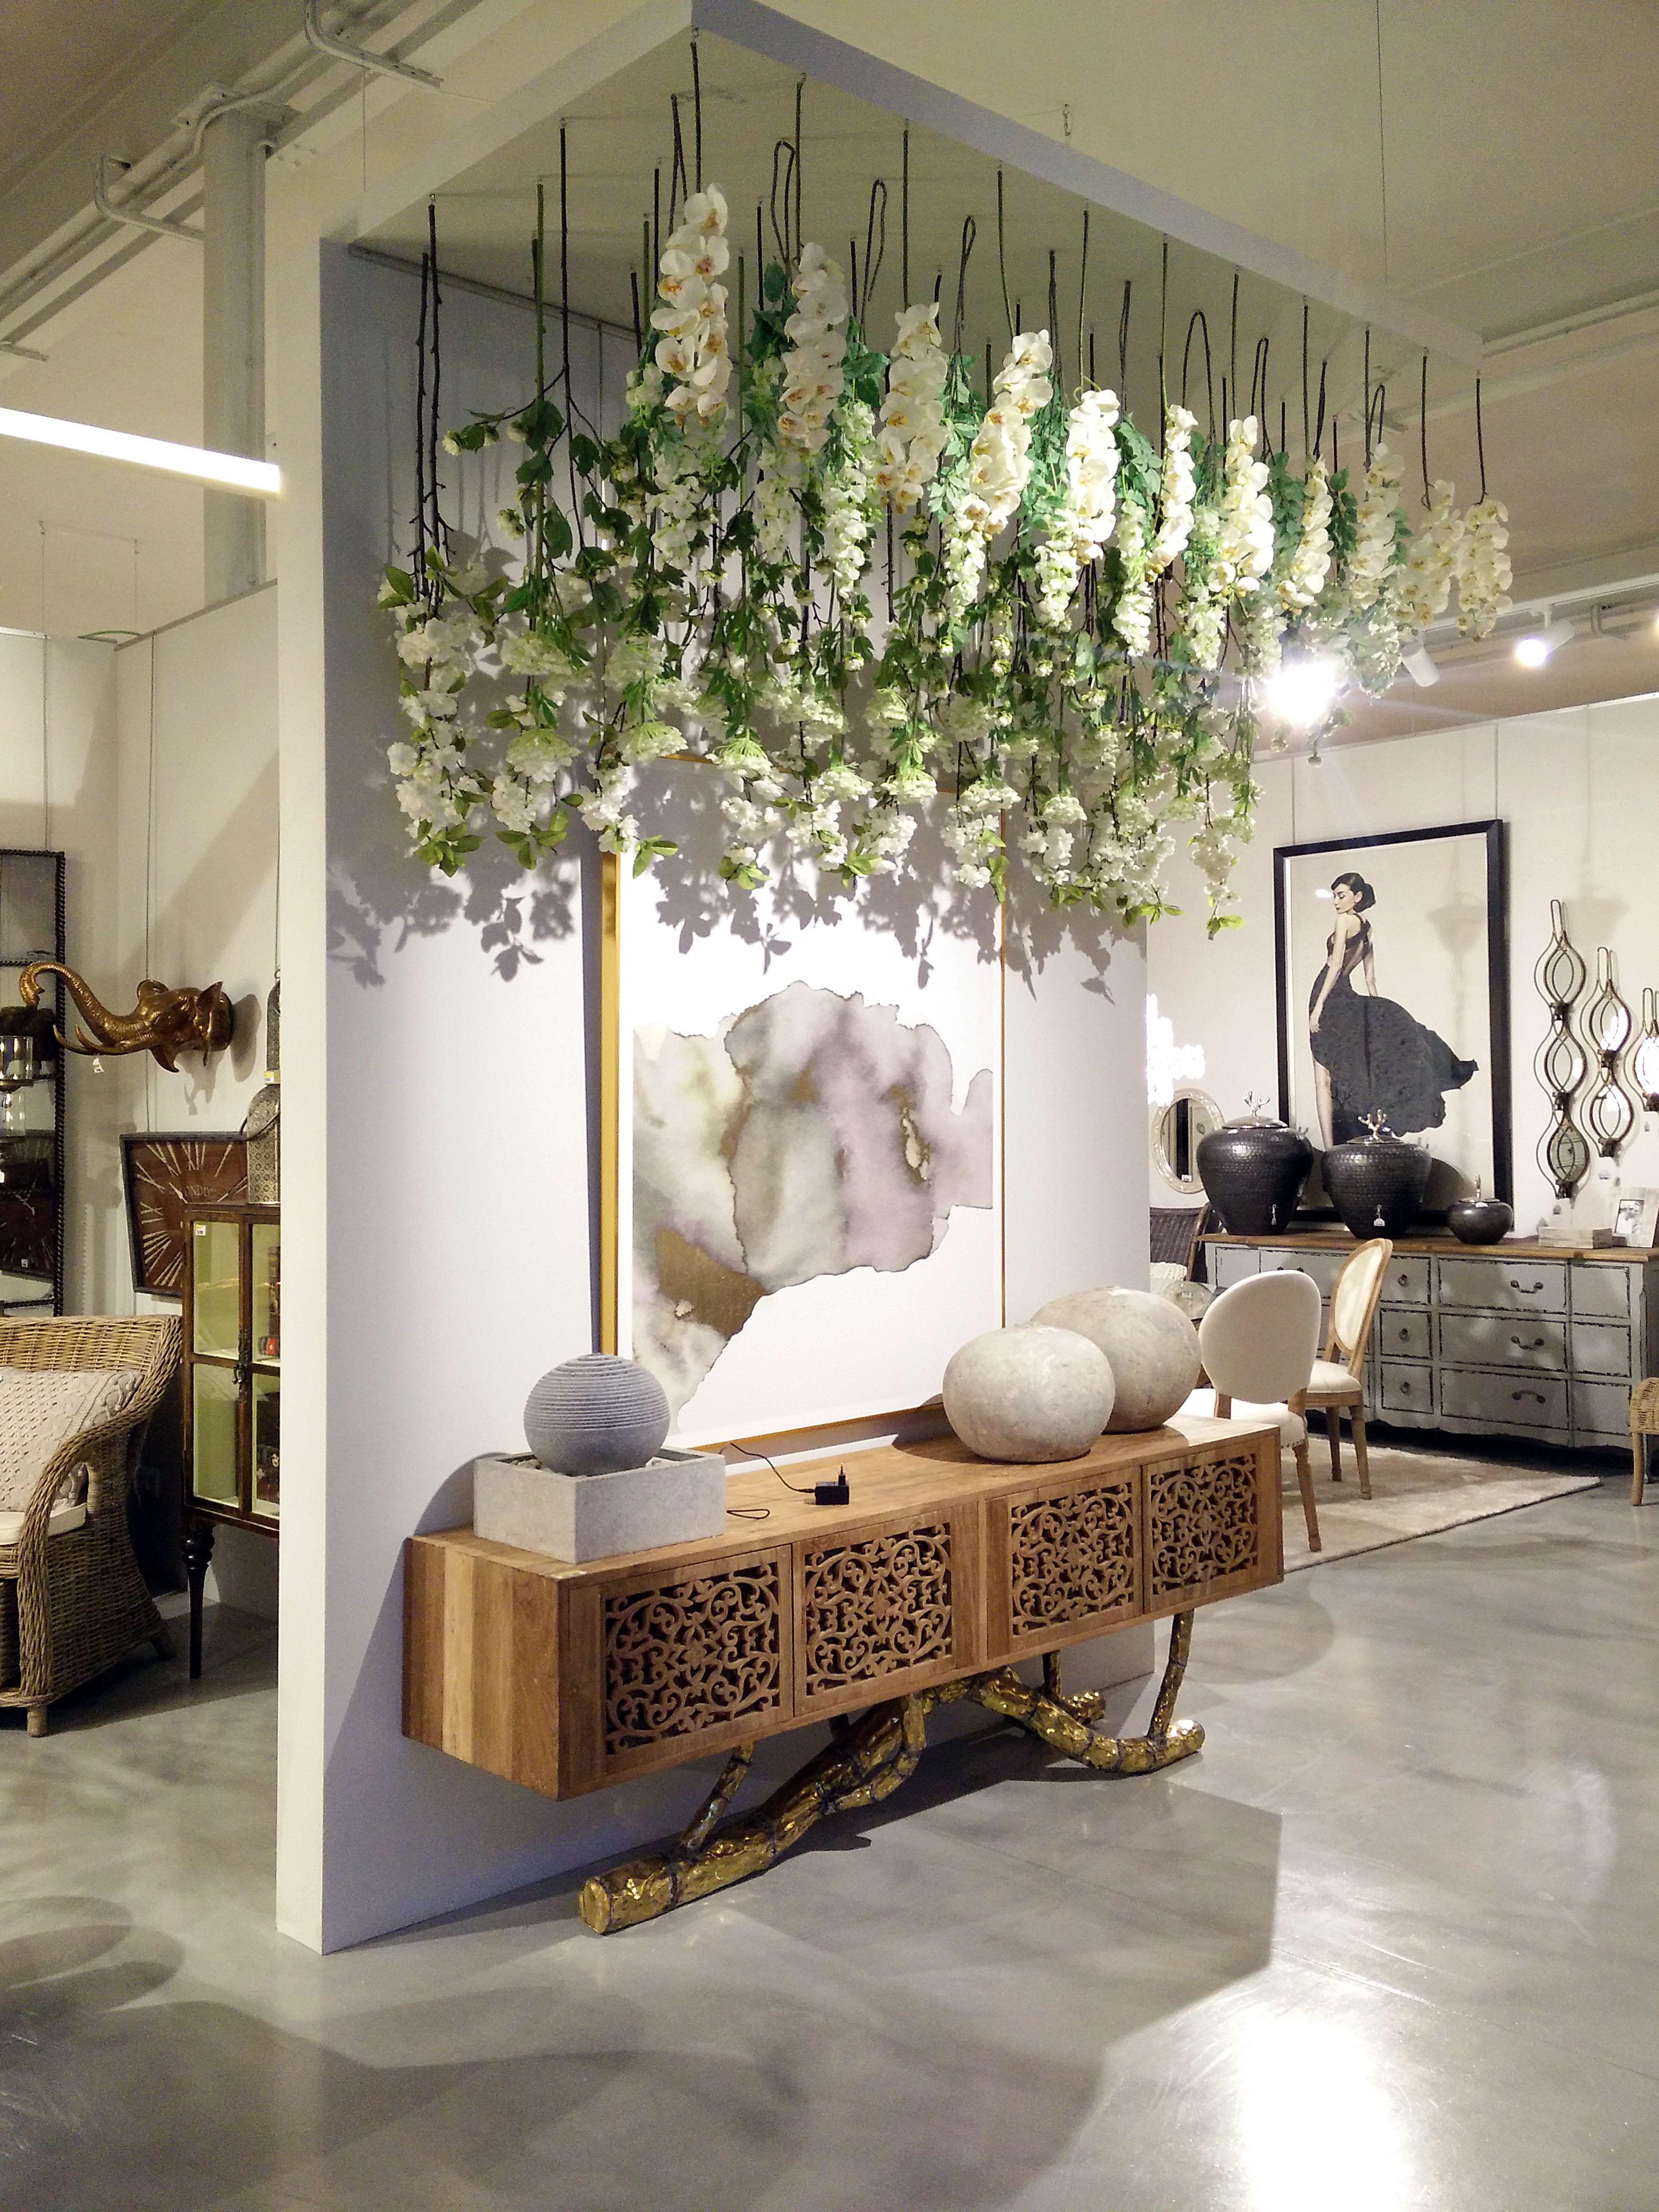 Showroom ixia marzo 2017 showroom decoracion tienda de for Diseno de interiores almacenes de ropa